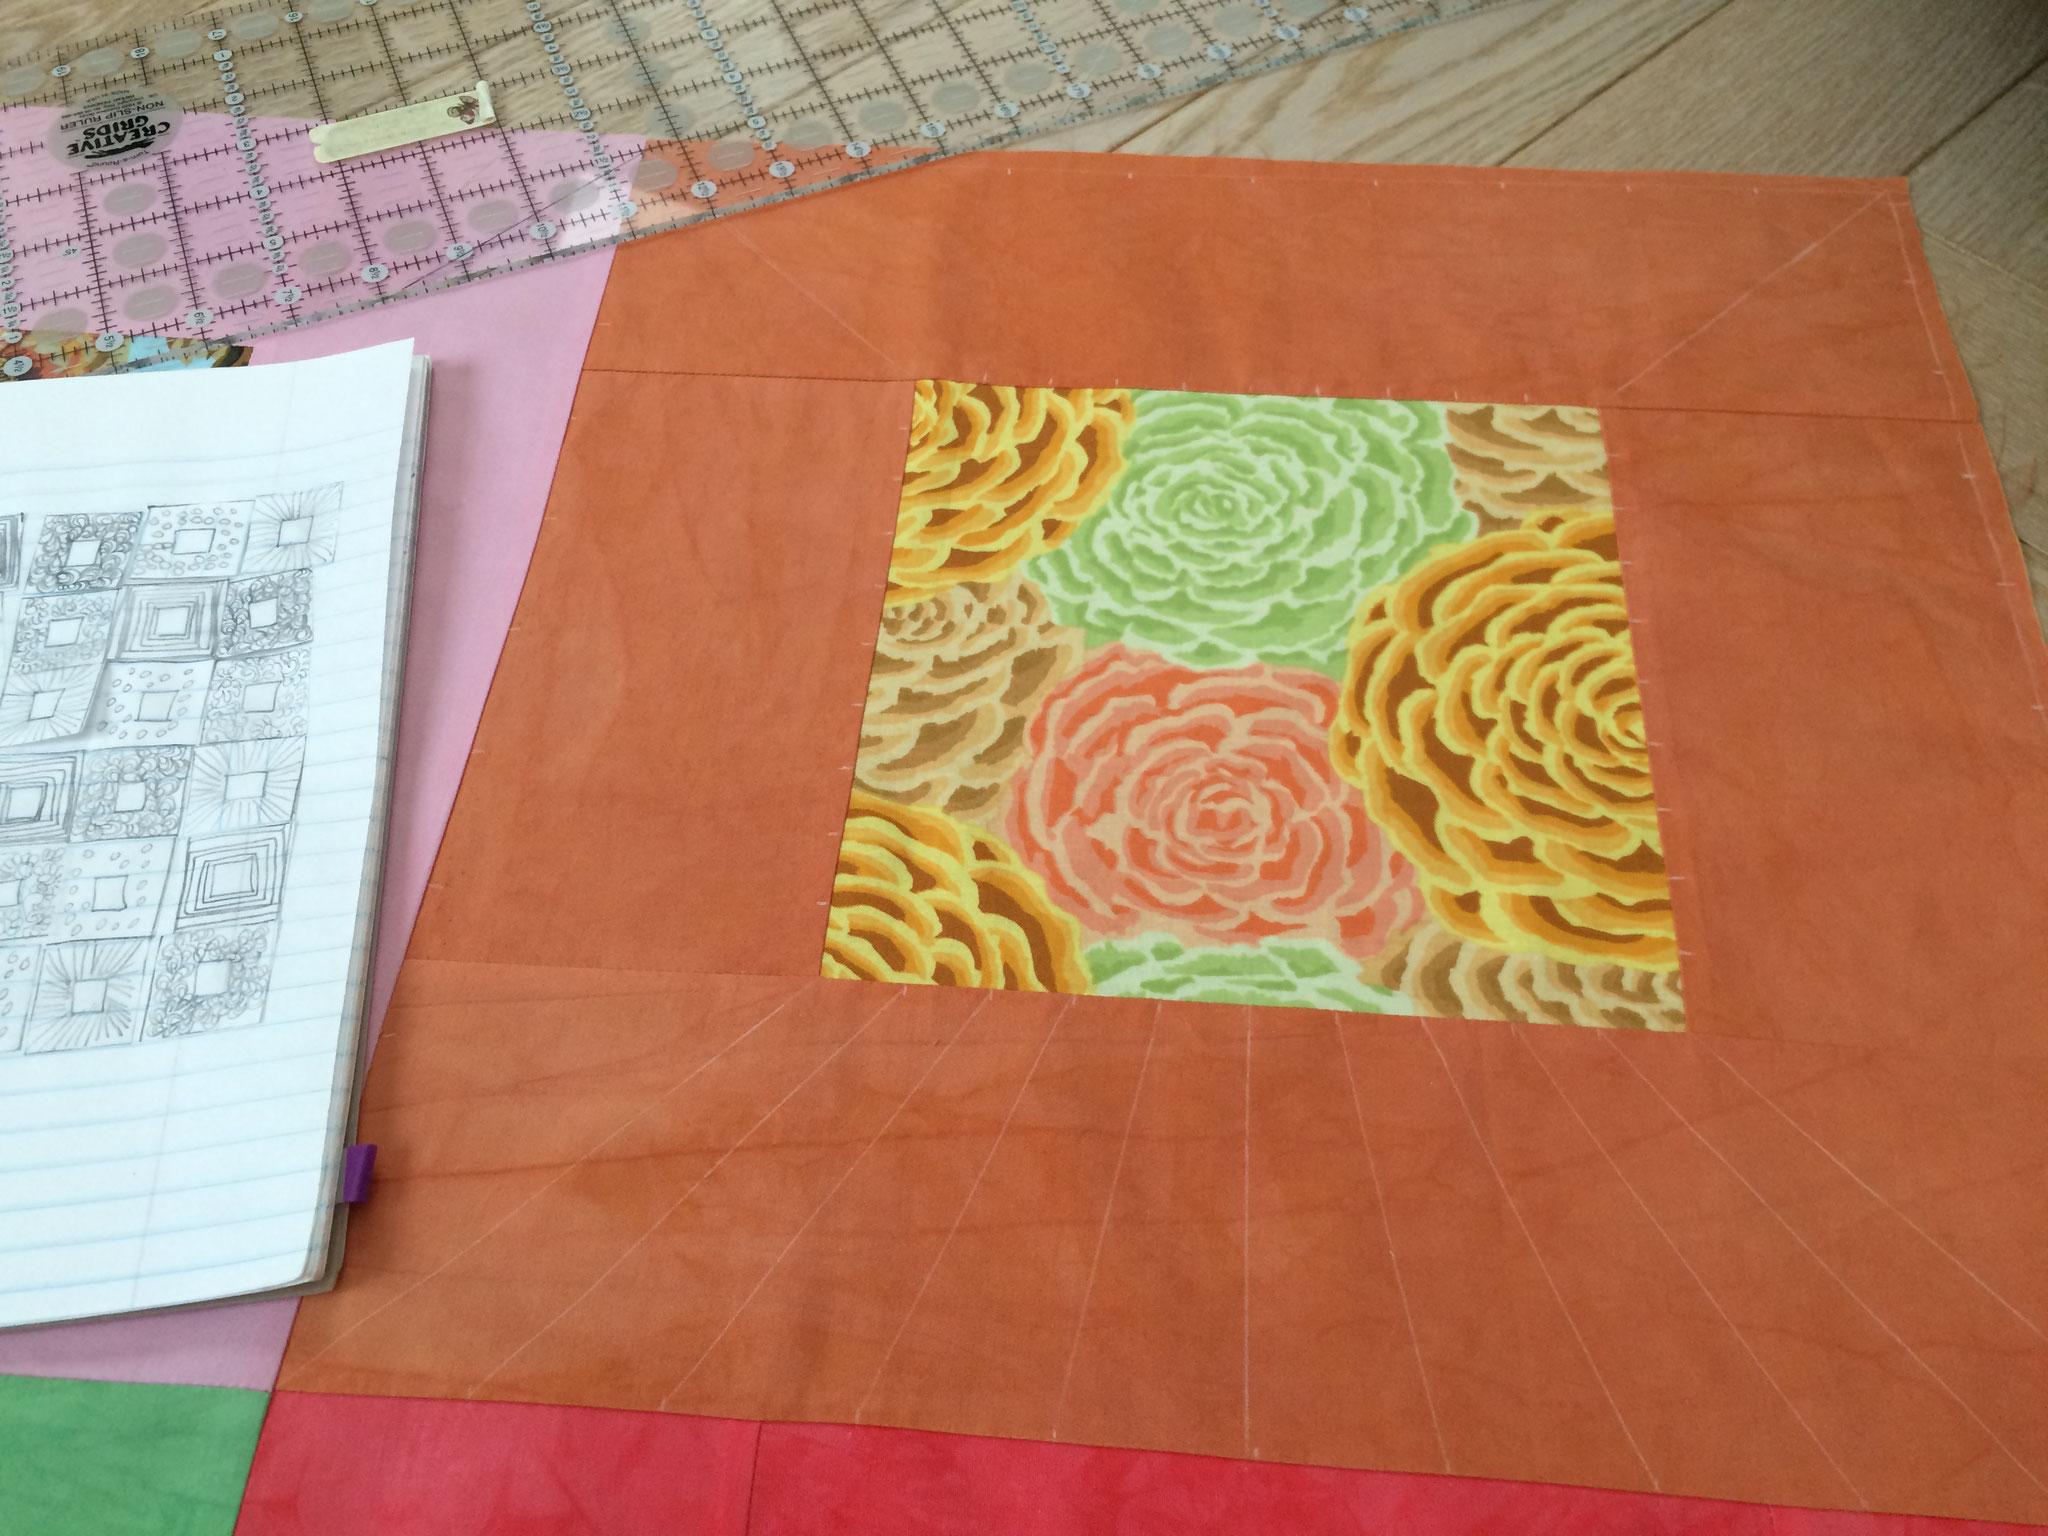 Quilting à l'atelier LE QUILT émoi : de belles fleurs Kaffe Fassett dans des cadres de tissu uni.